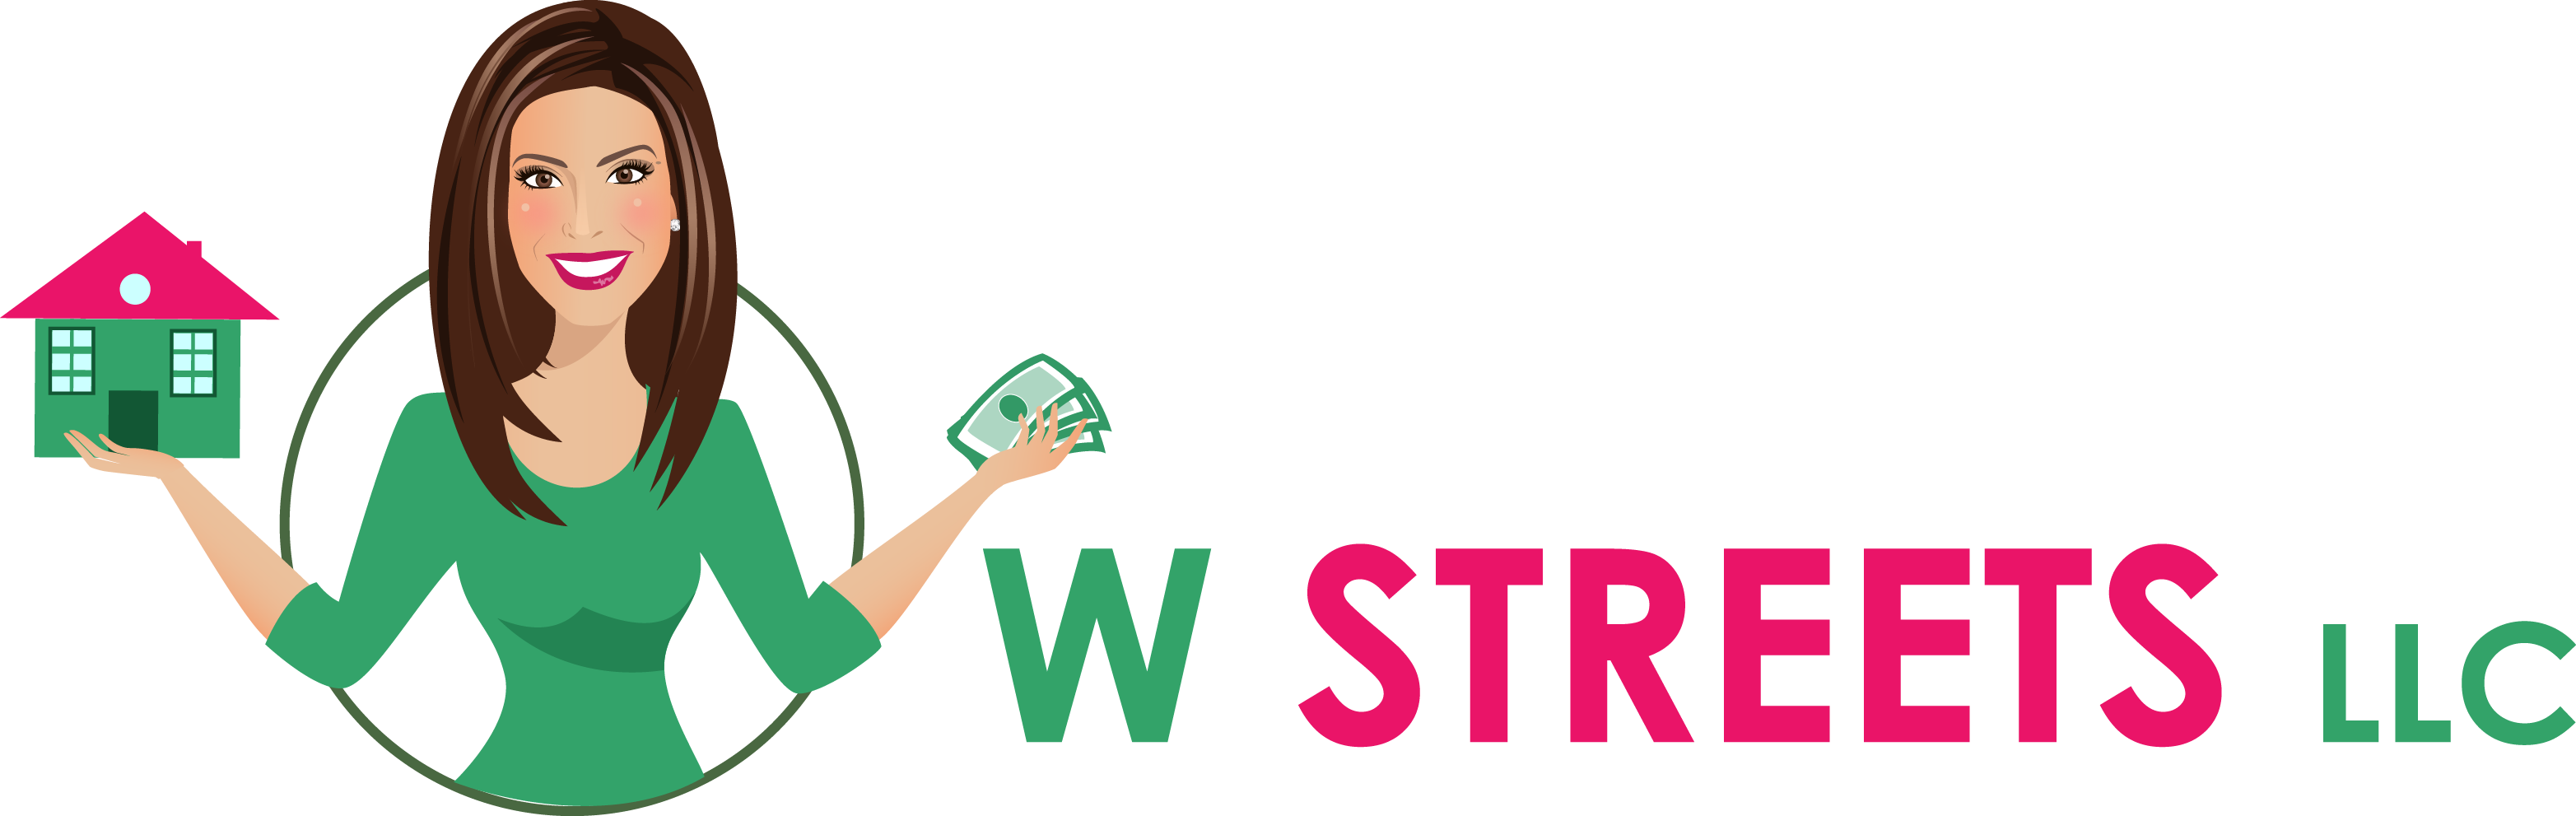 W Streets LLC logo